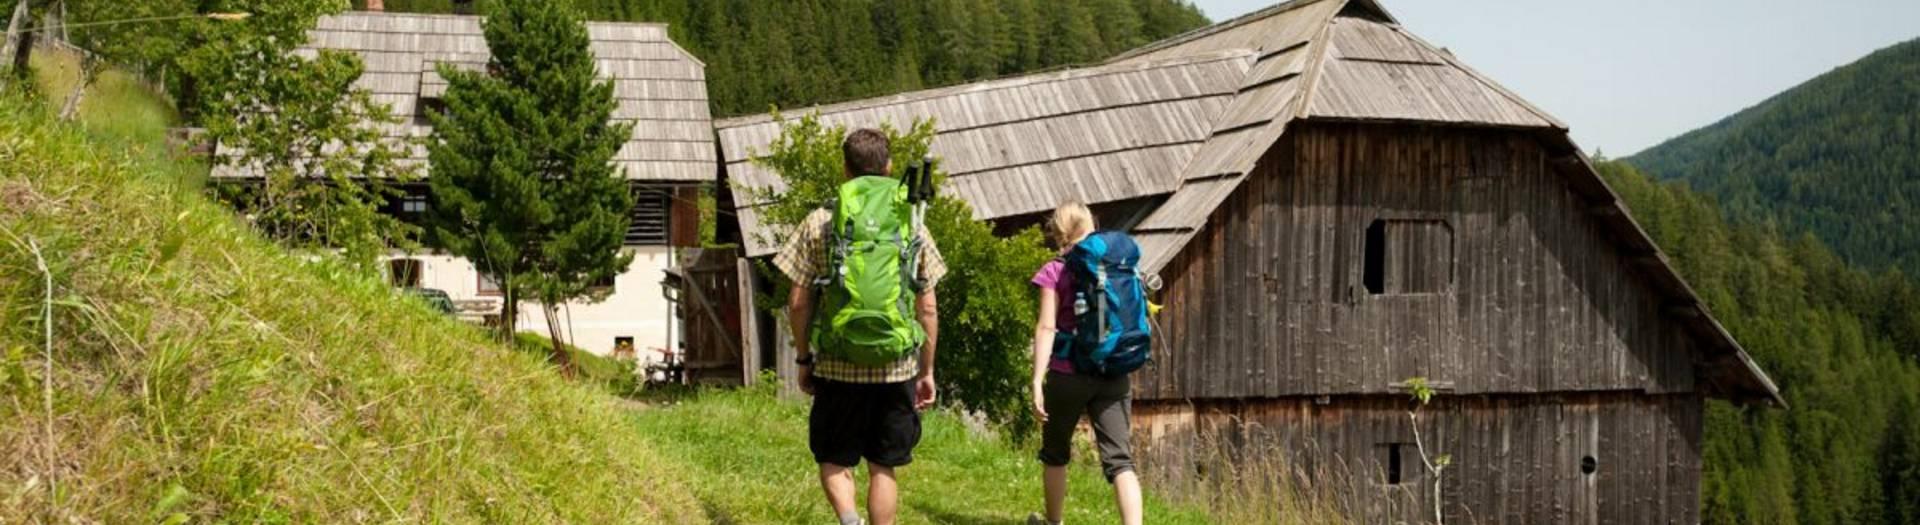 Mit den richtigen Wandergepäck die Nockberge erwandern.